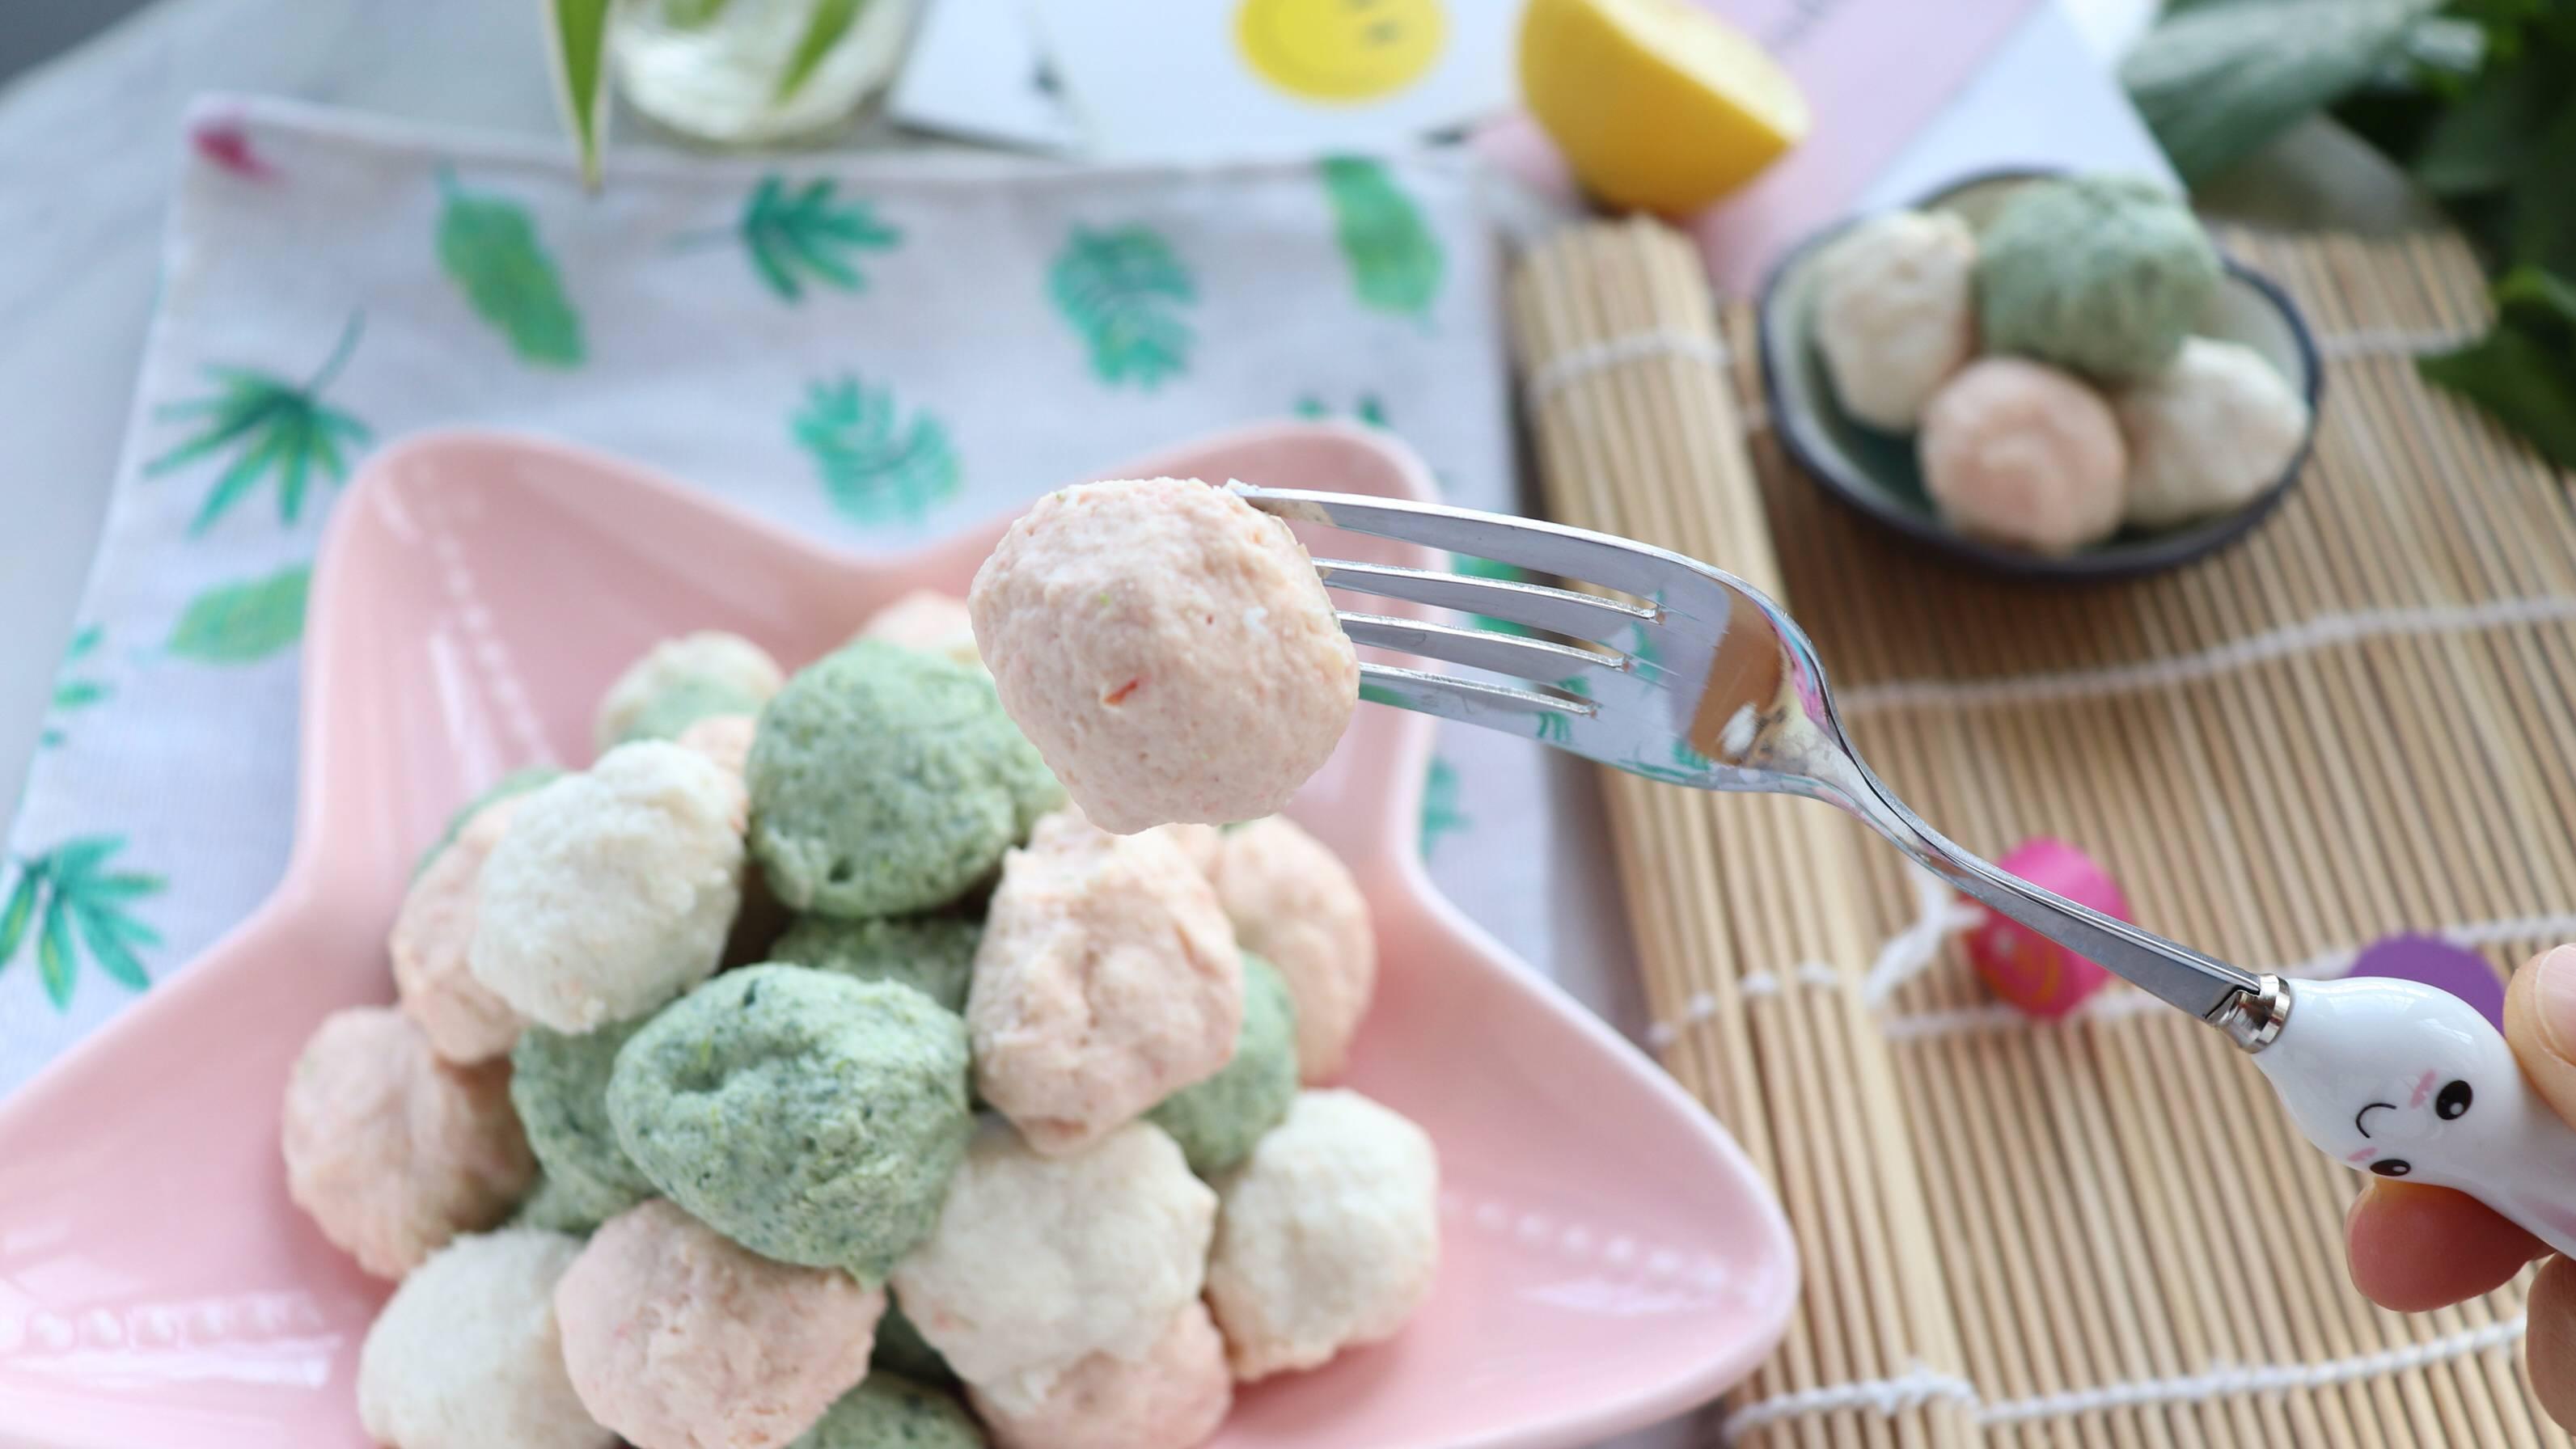 多彩小丸子,一次可以多做一些,分装在保鲜袋中,放入冰箱冷冻保存,吃的时候,拿出来一小袋煮一煮就可以给宝宝吃啦。</p> <p>